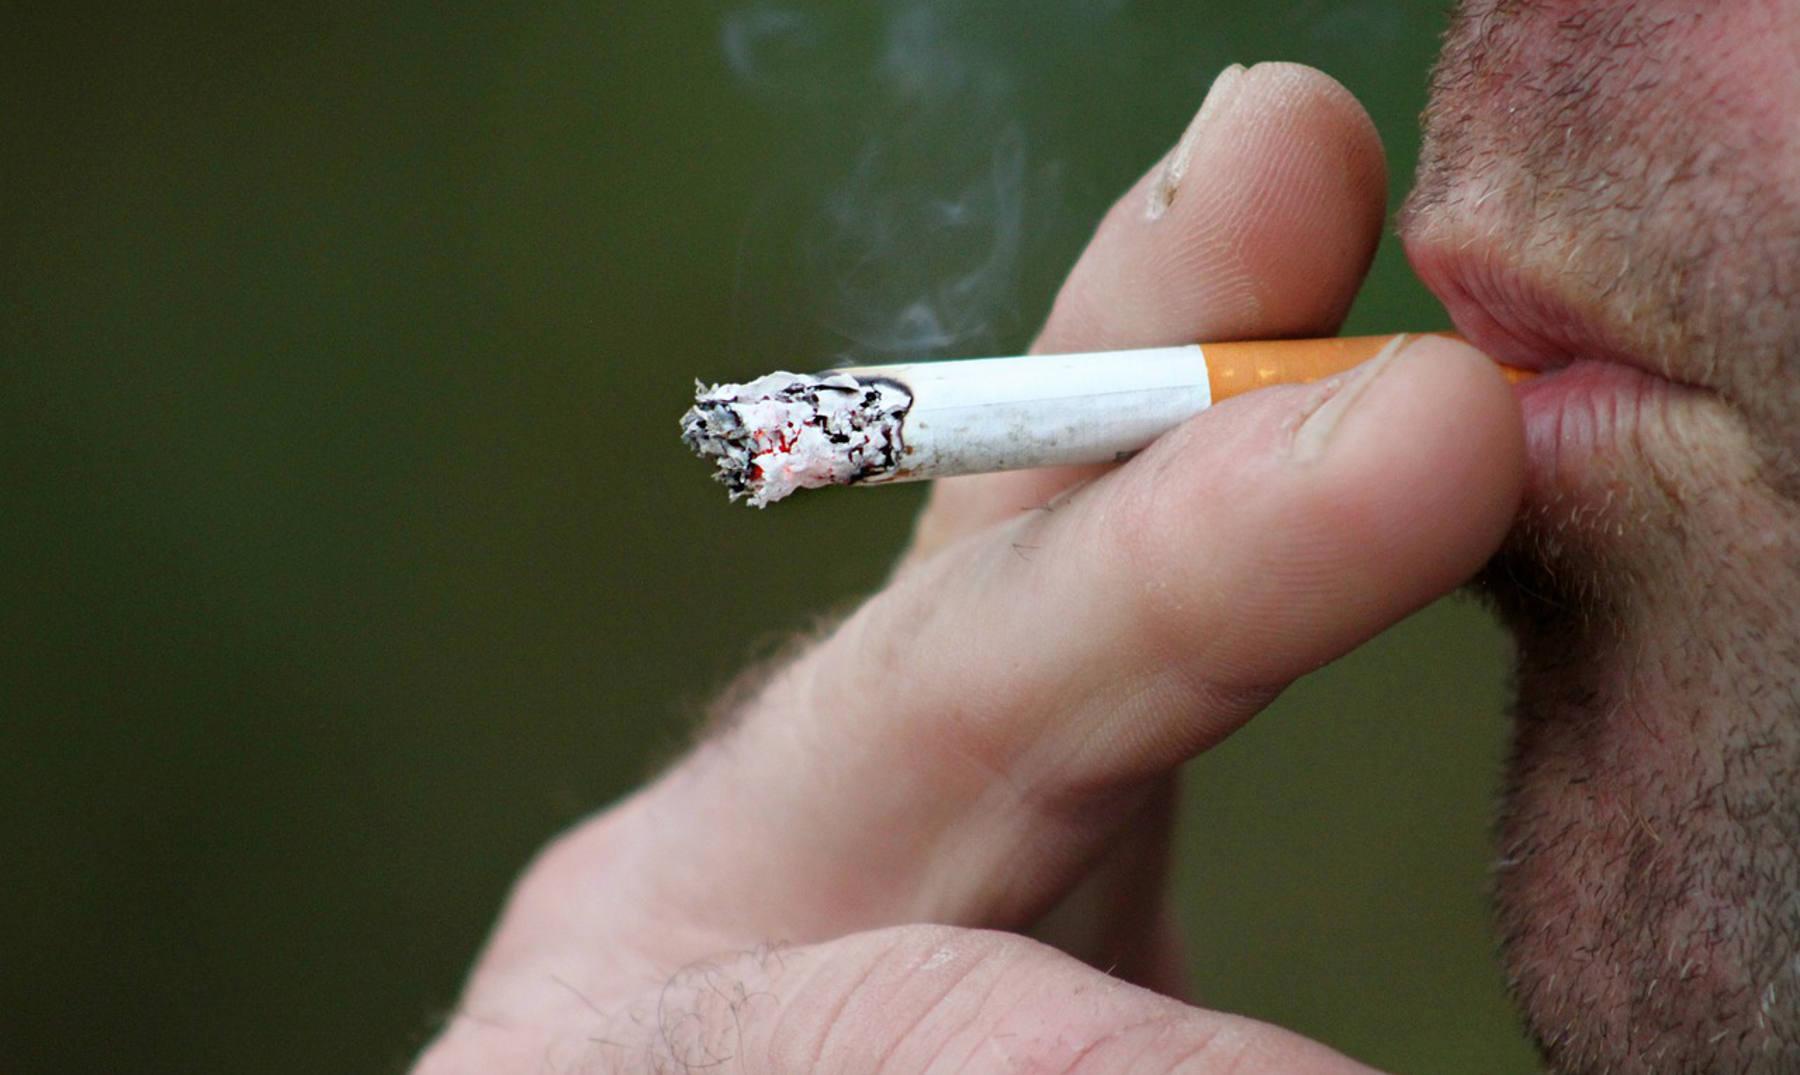 Sabías que las creencias acerca de la nicotina pueden anular sus efectos en el cerebro